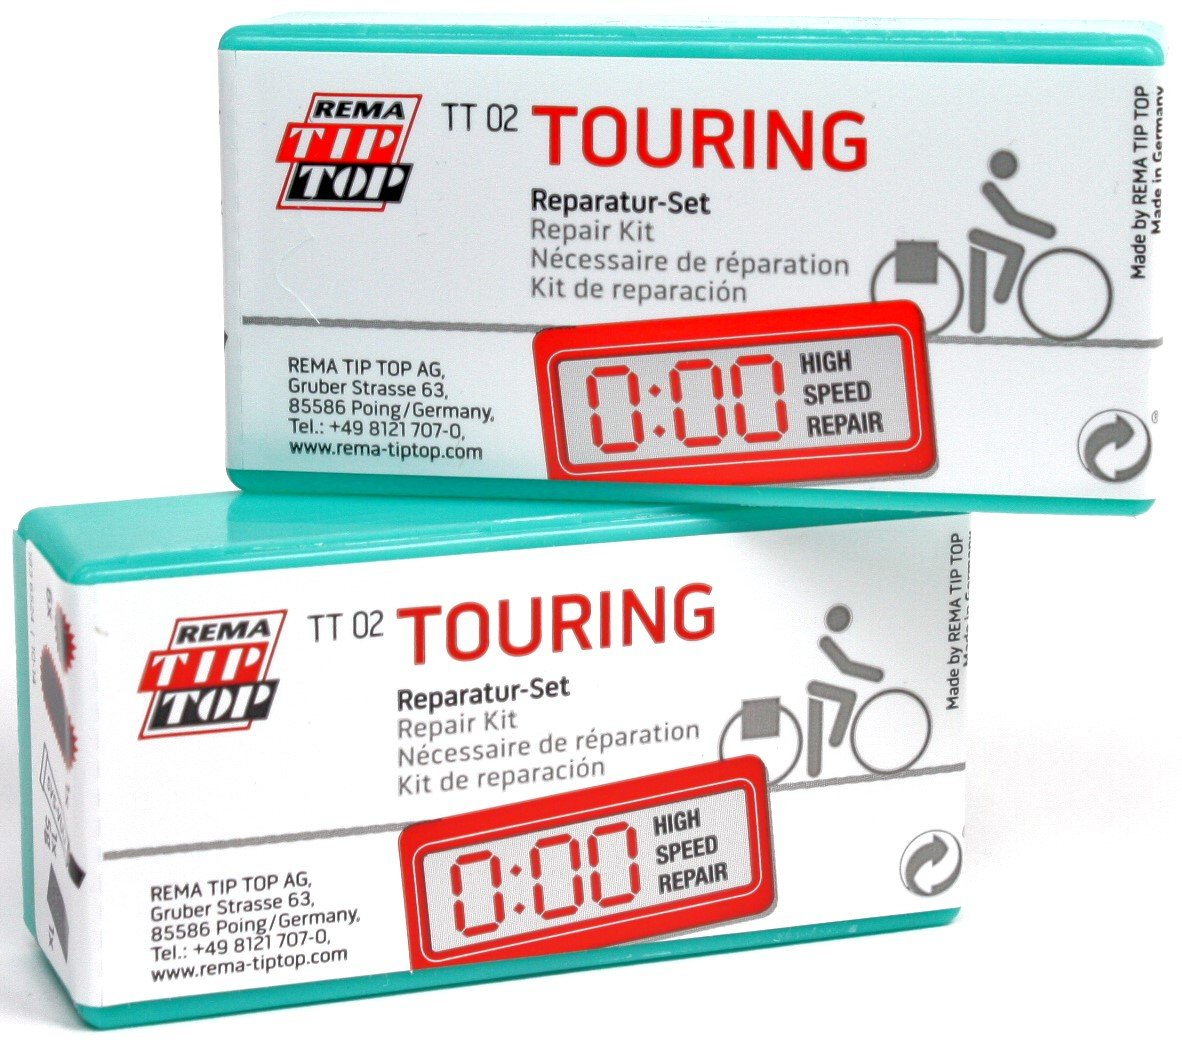 Puncture repair: rema tip top puncture repair kit.